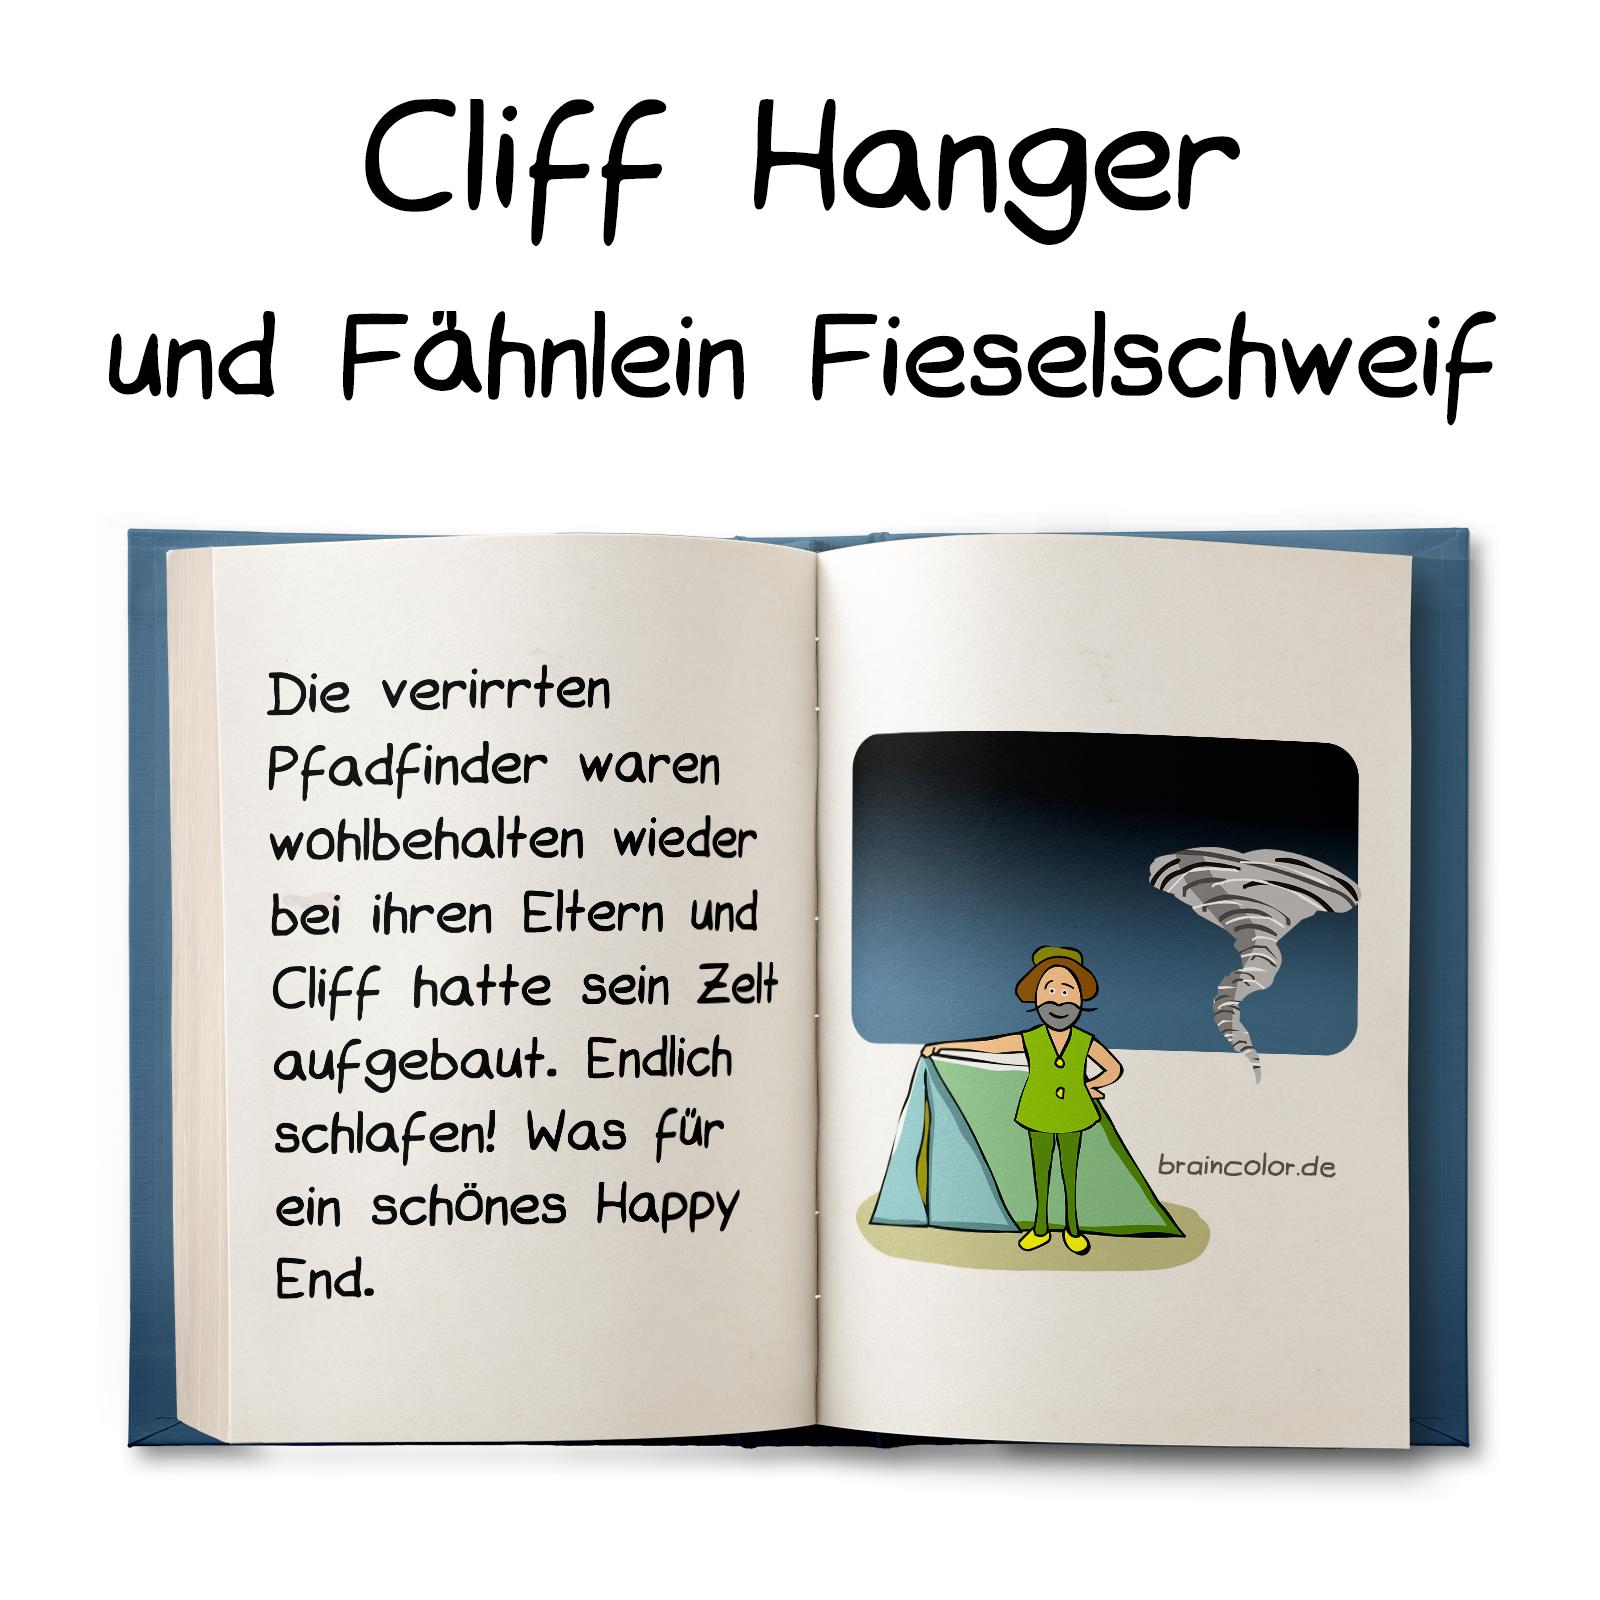 Cliff Hanger und Fähnlein Fieselschweif